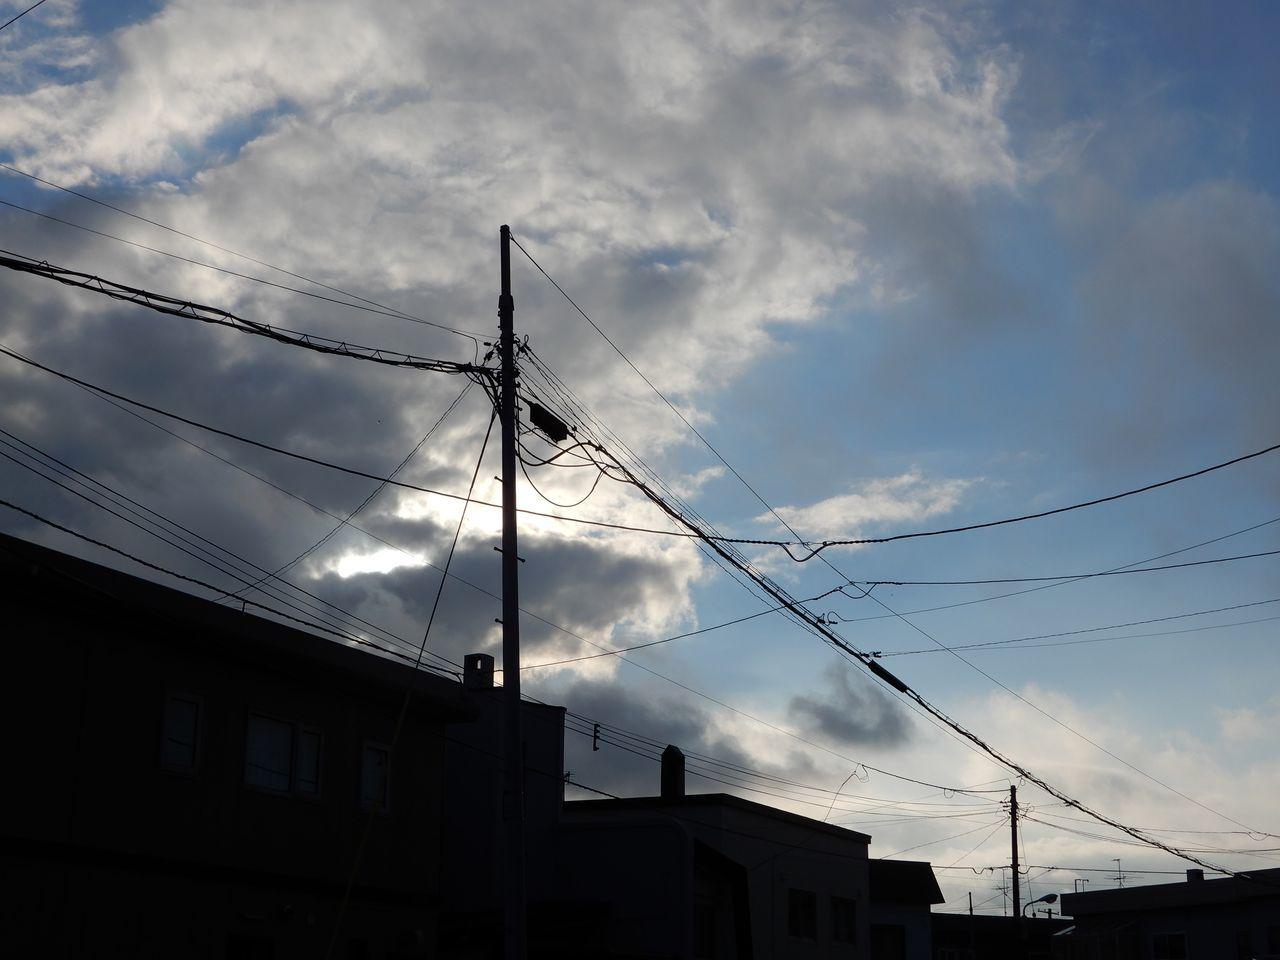 雨のち曇り_c0025115_20353838.jpg